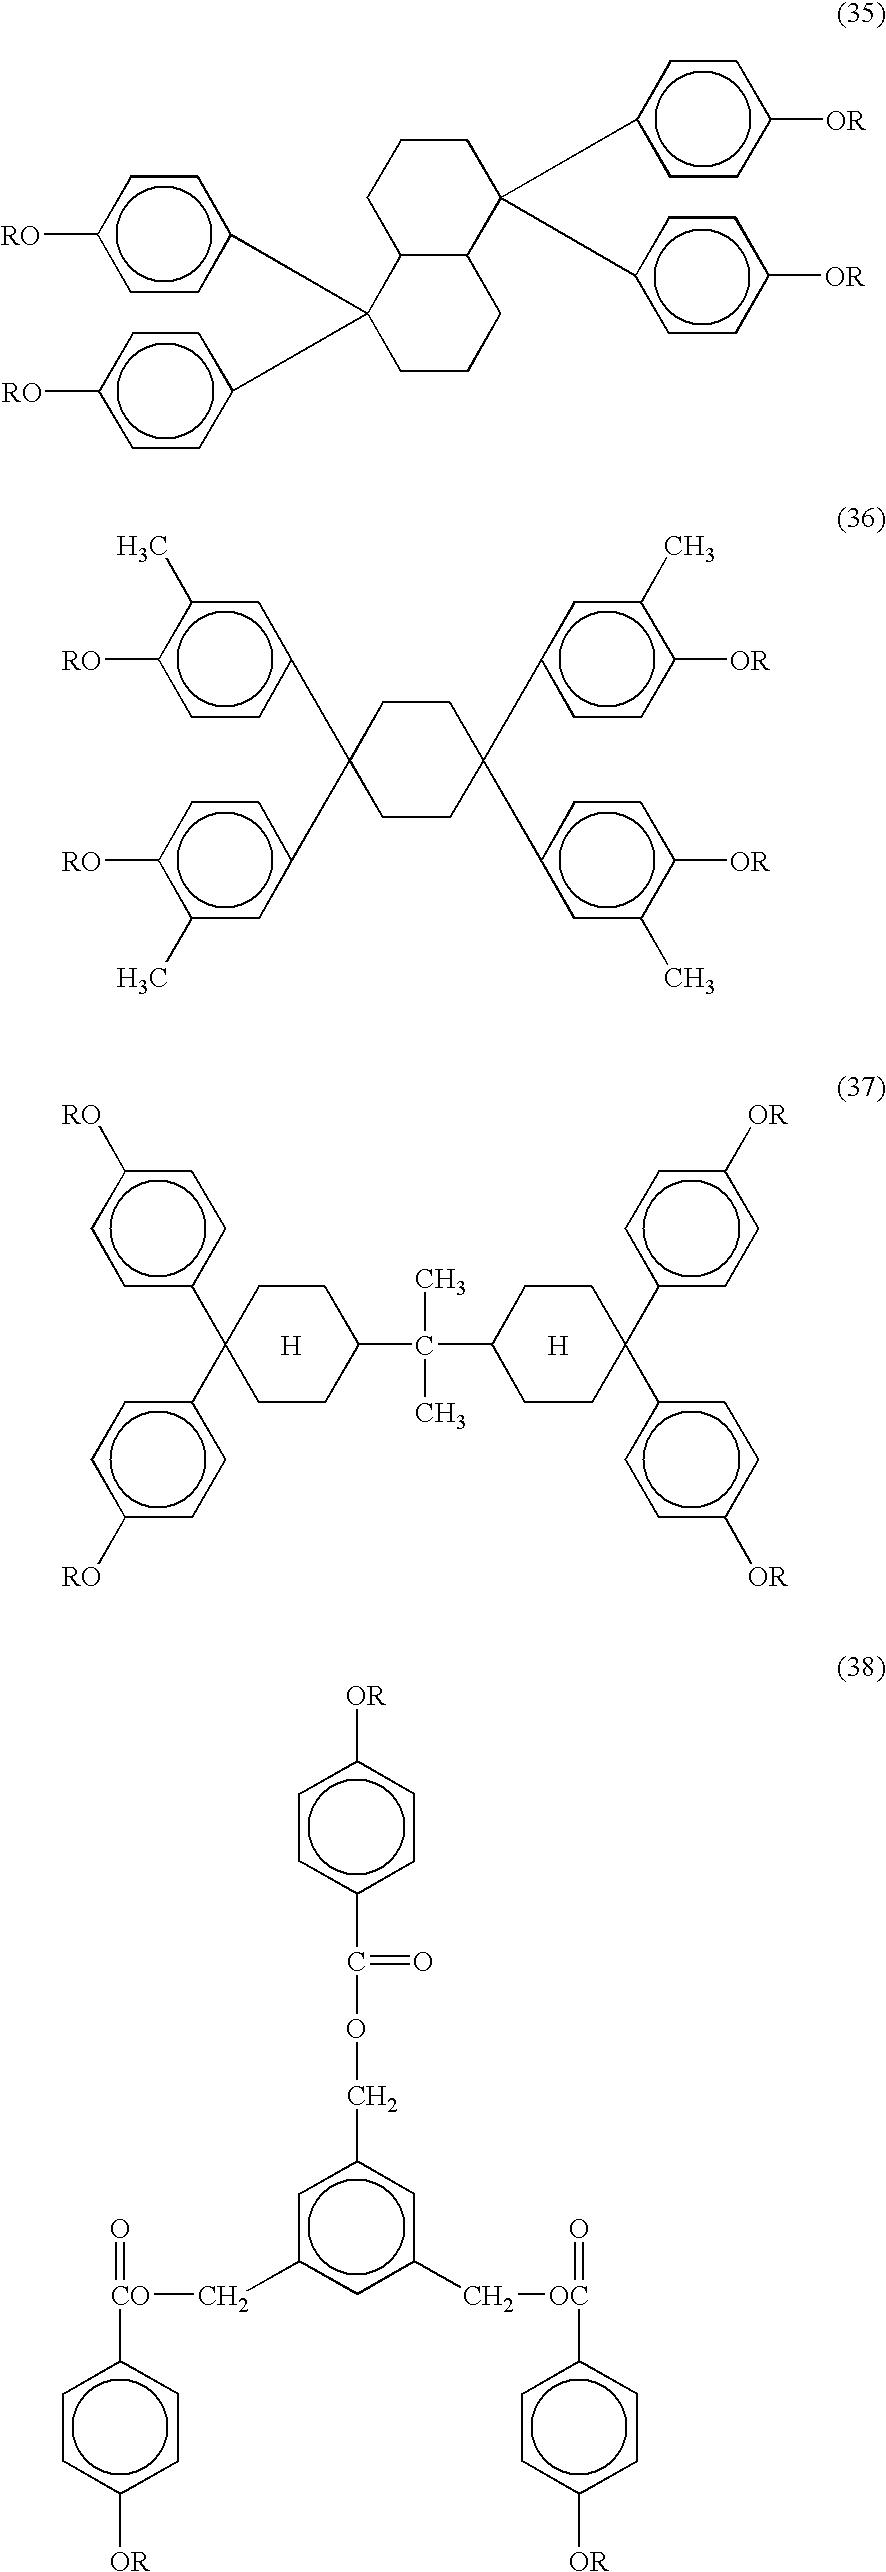 Figure US20070003871A1-20070104-C00088